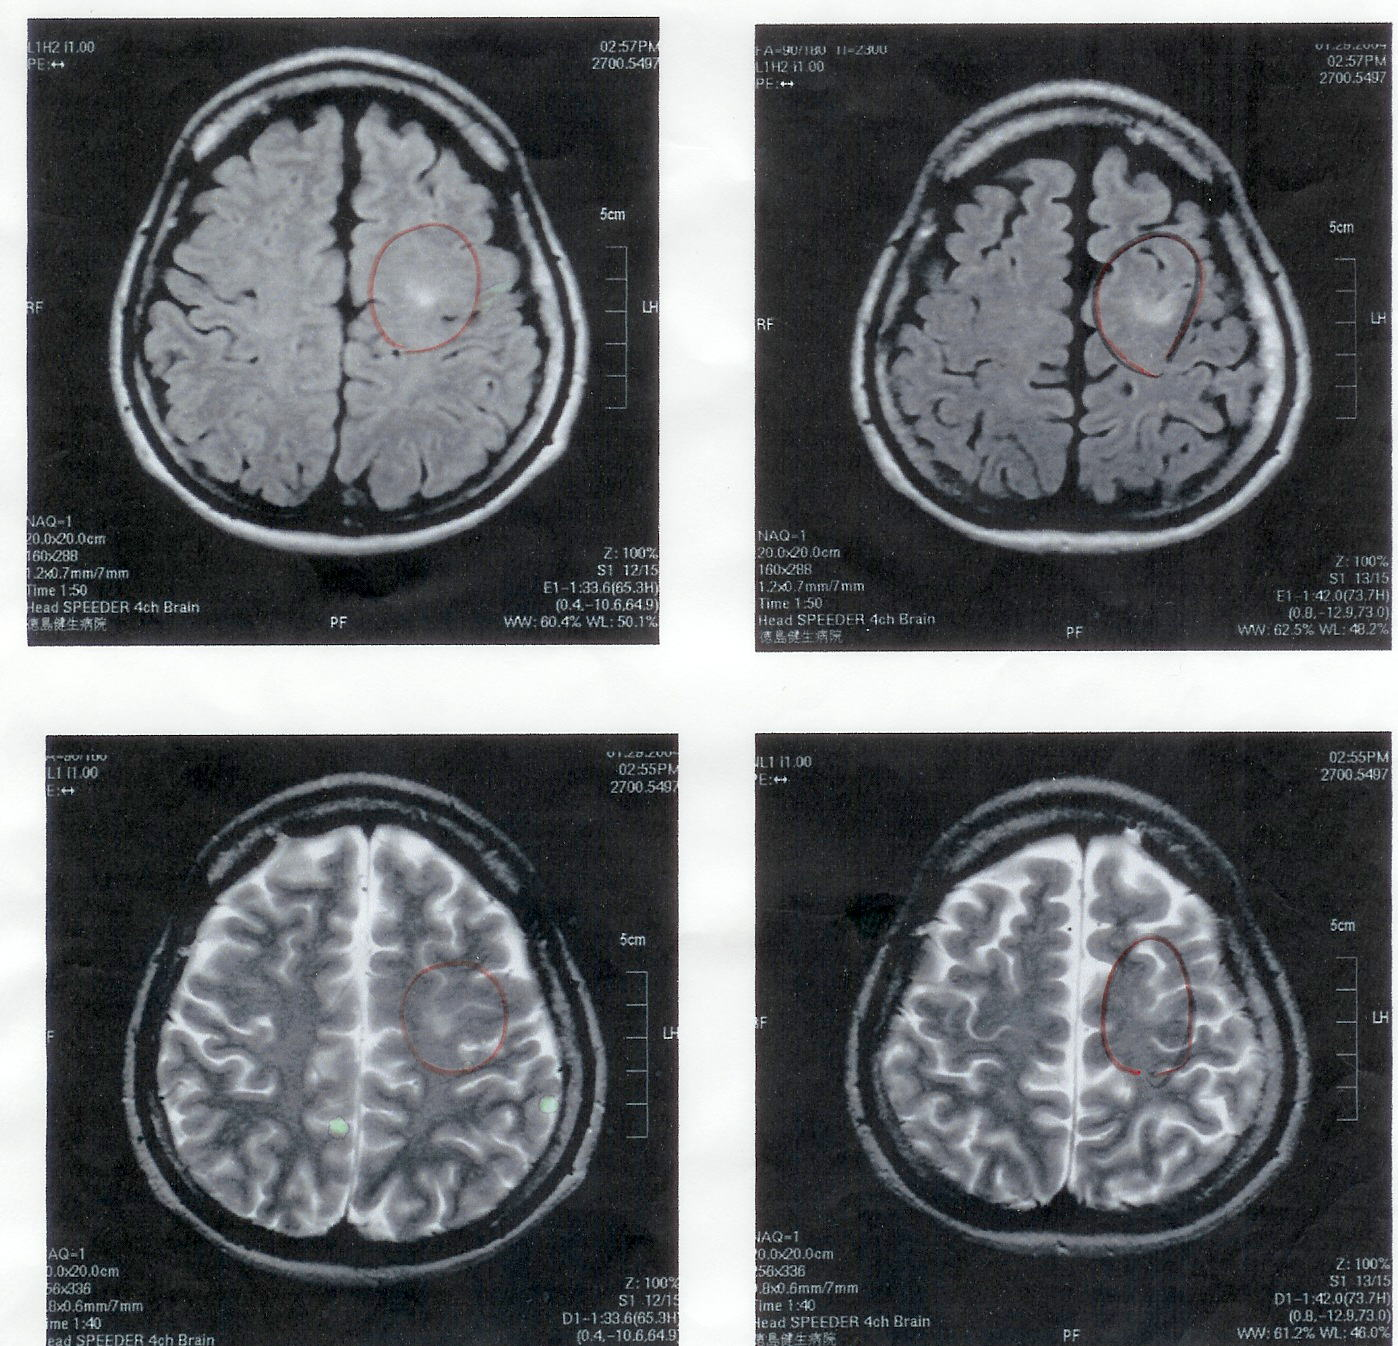 気功論文:脳腫瘍患者のMRI検査画像2